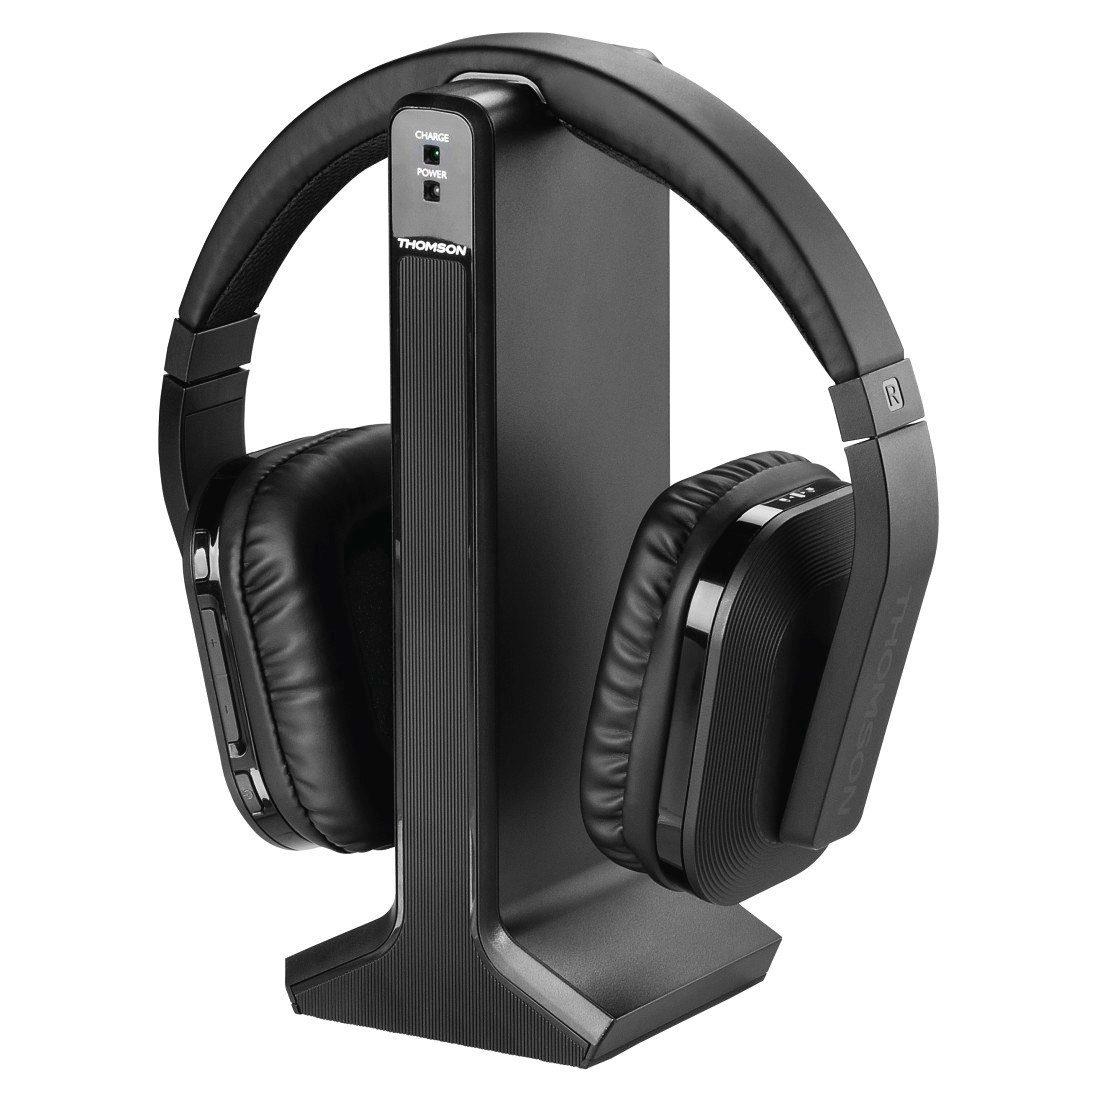 Thomson Funkkopfhörer, kabelloser TV, HiFi Over-Ear Kopfhörer »Digitaler Eingang, 8h Akku«